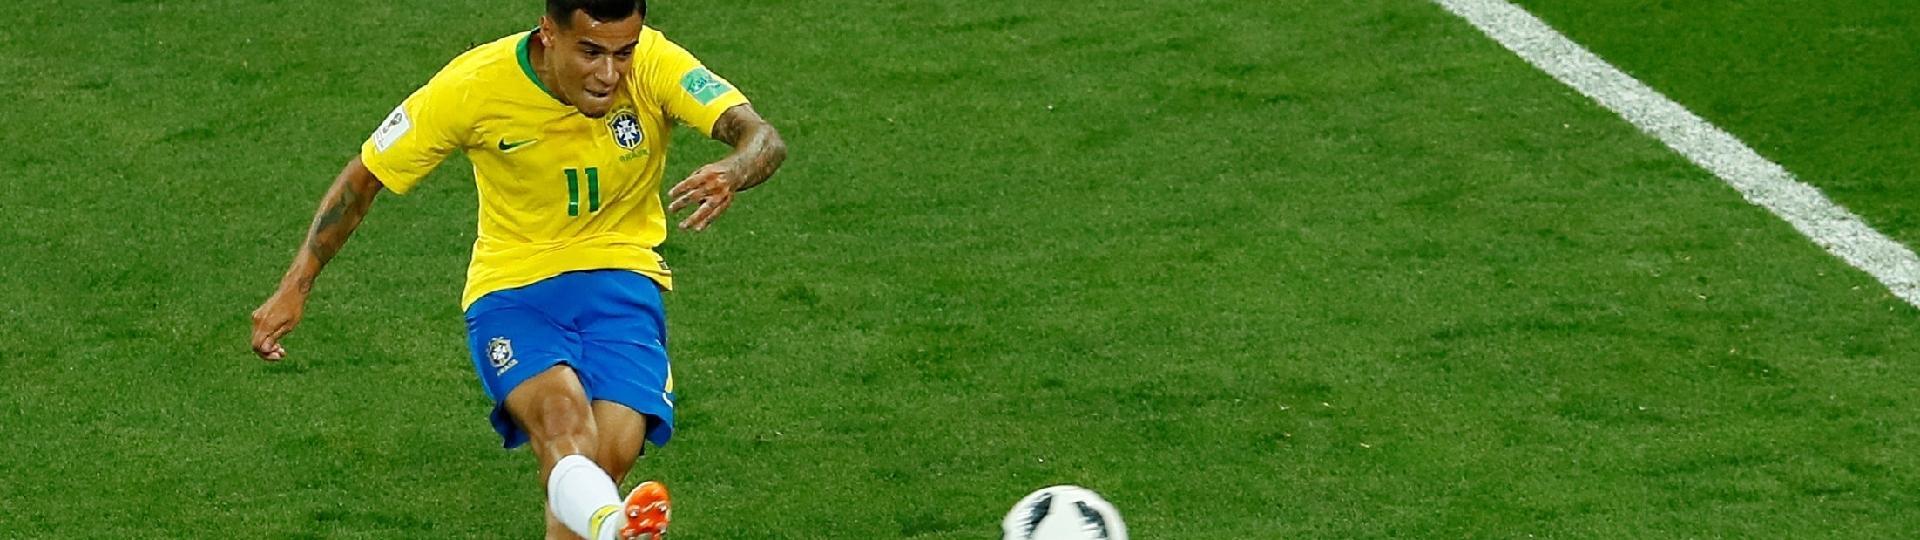 Philippe Coutinho chuta para abrir o placar para a seleção brasileira contra Suíça